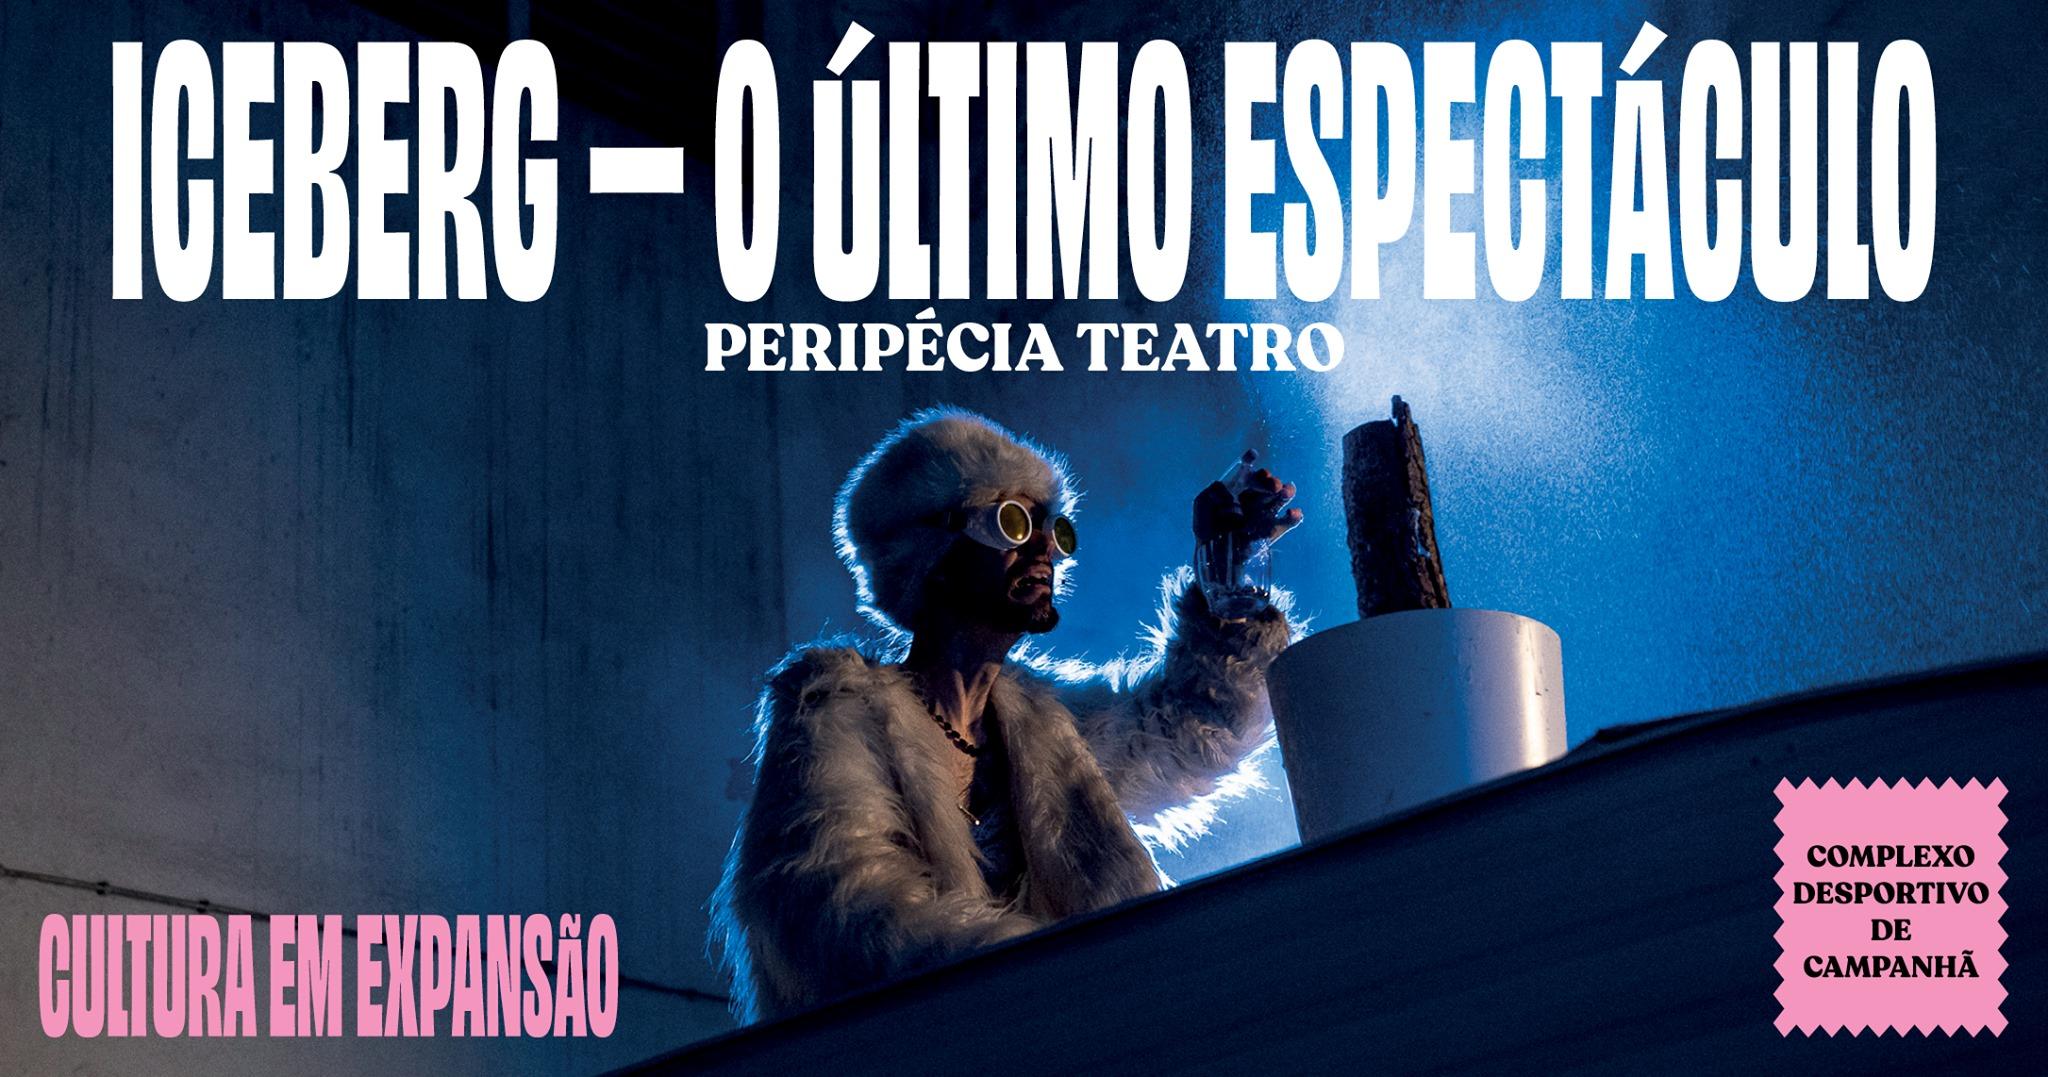 ICEBERG - O ÚLTIMO ESPECTÁCULO | PERIPÉCIA TEATRO